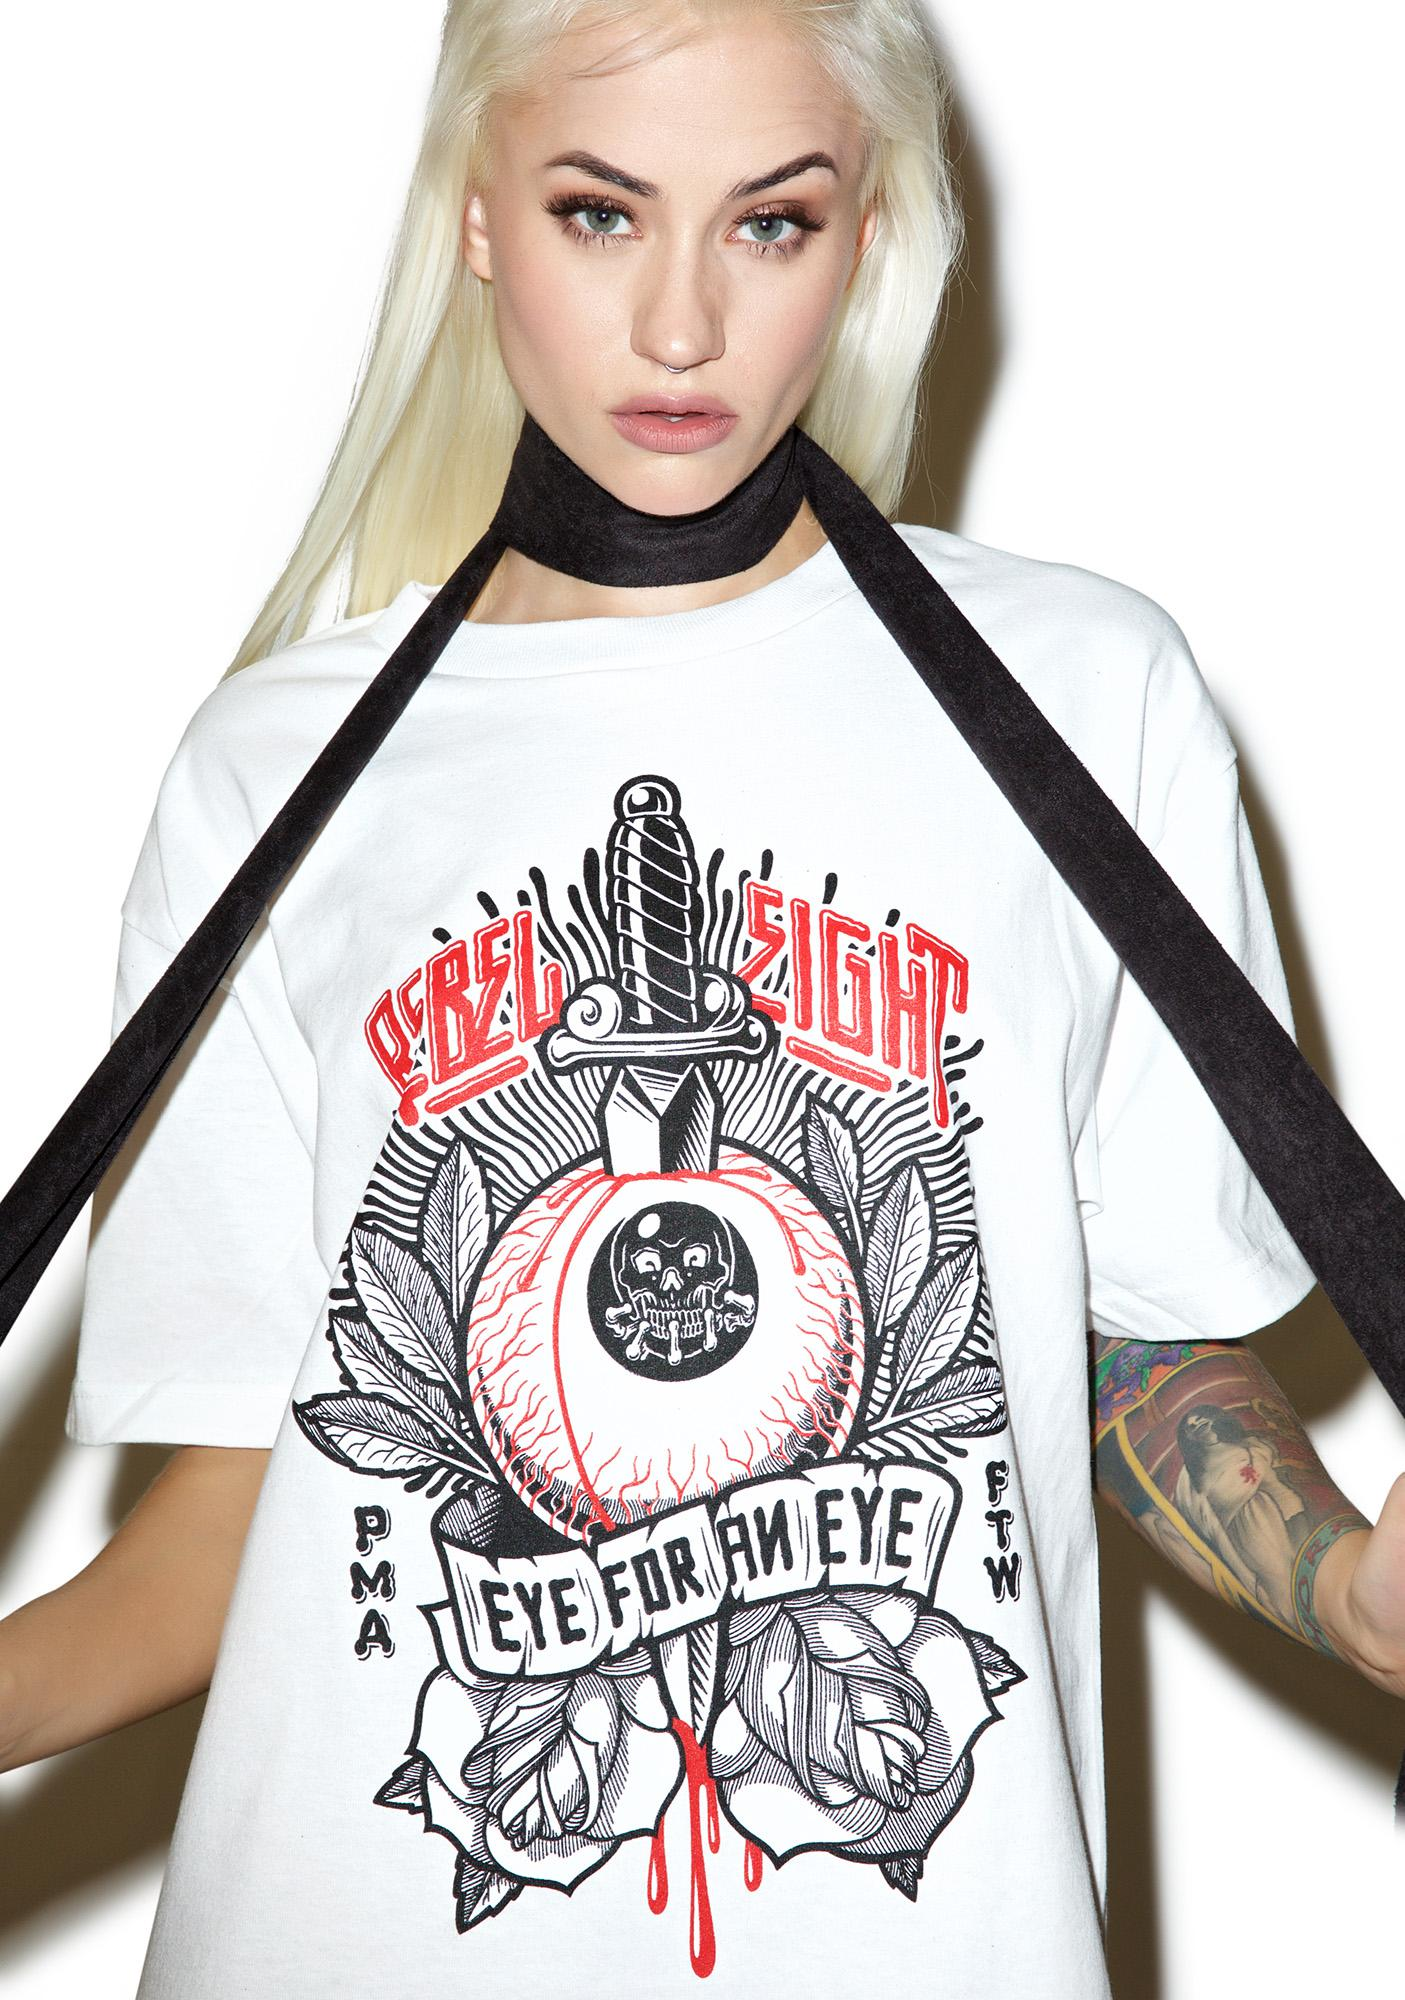 Rebel8 Eye For An Eye Tee